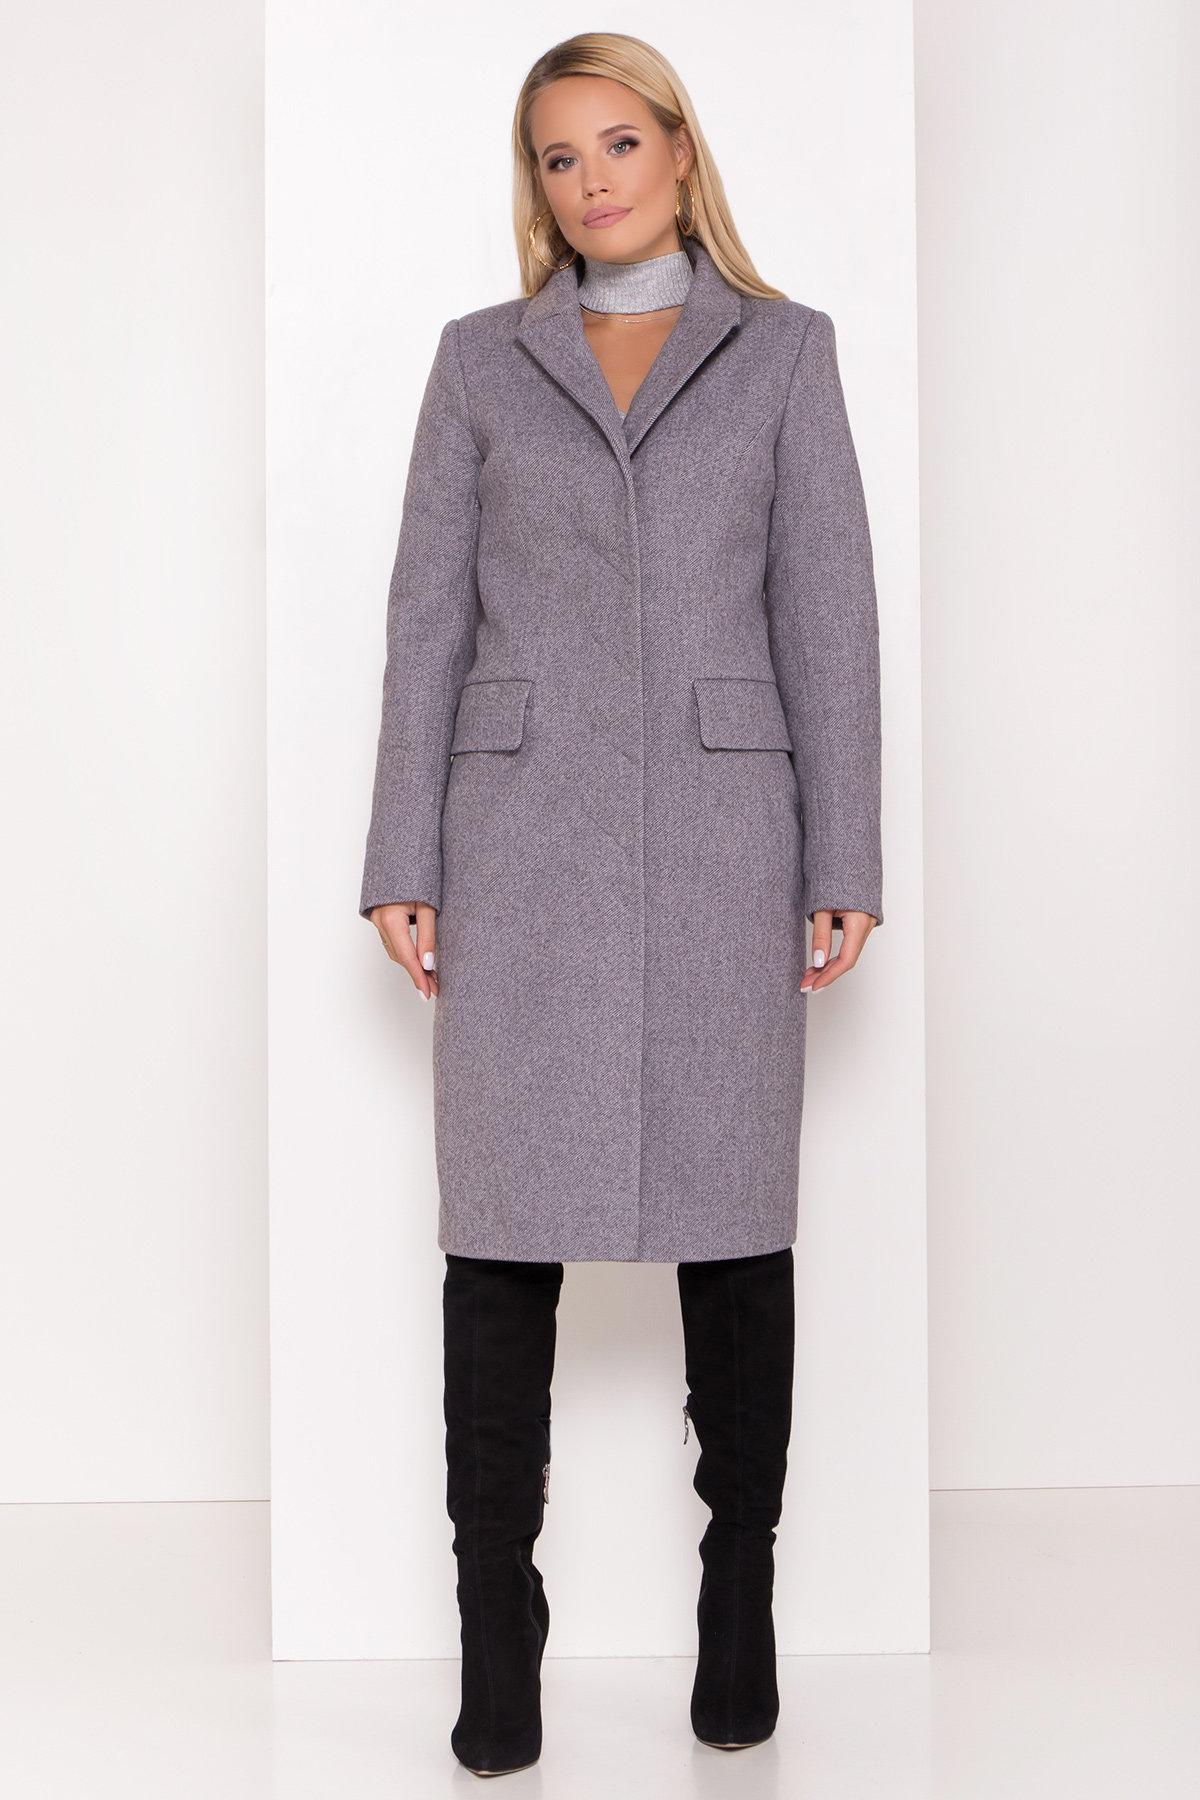 Полуприталенное зимнее пальто с отложным воротником Лабио 8182 АРТ. 44189 Цвет: Серый 2 - фото 3, интернет магазин tm-modus.ru